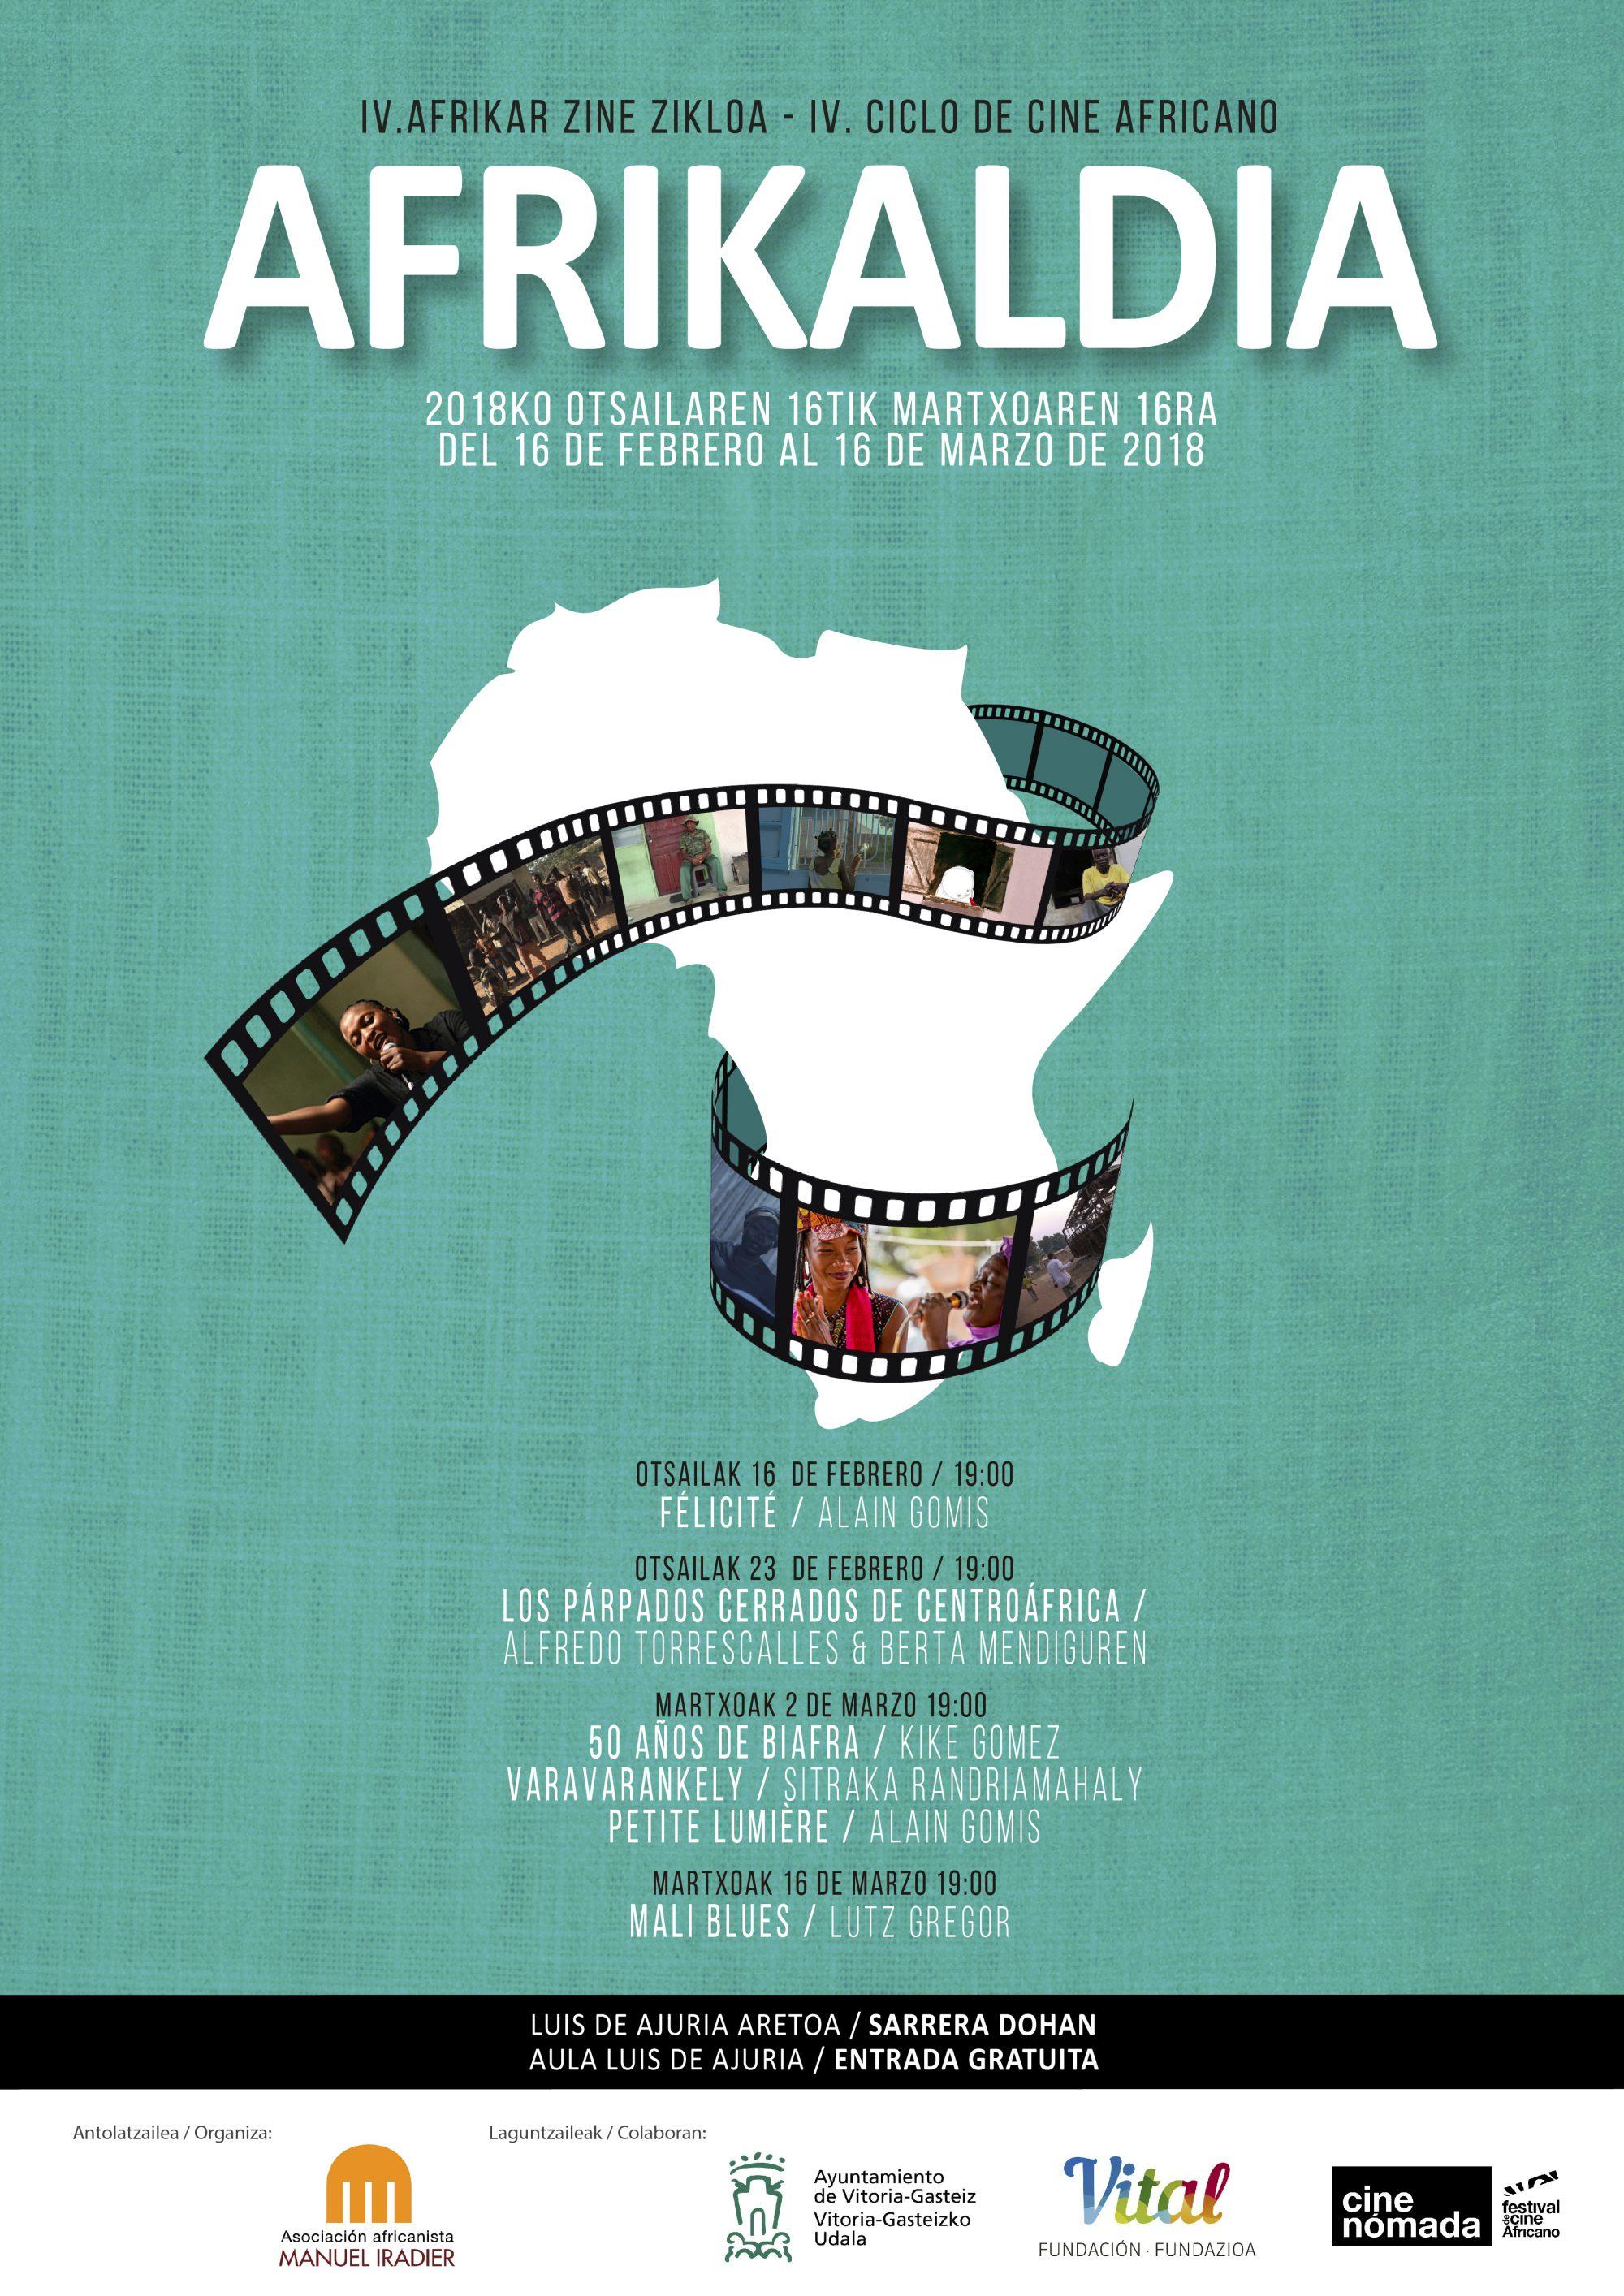 Afrikaldia IV